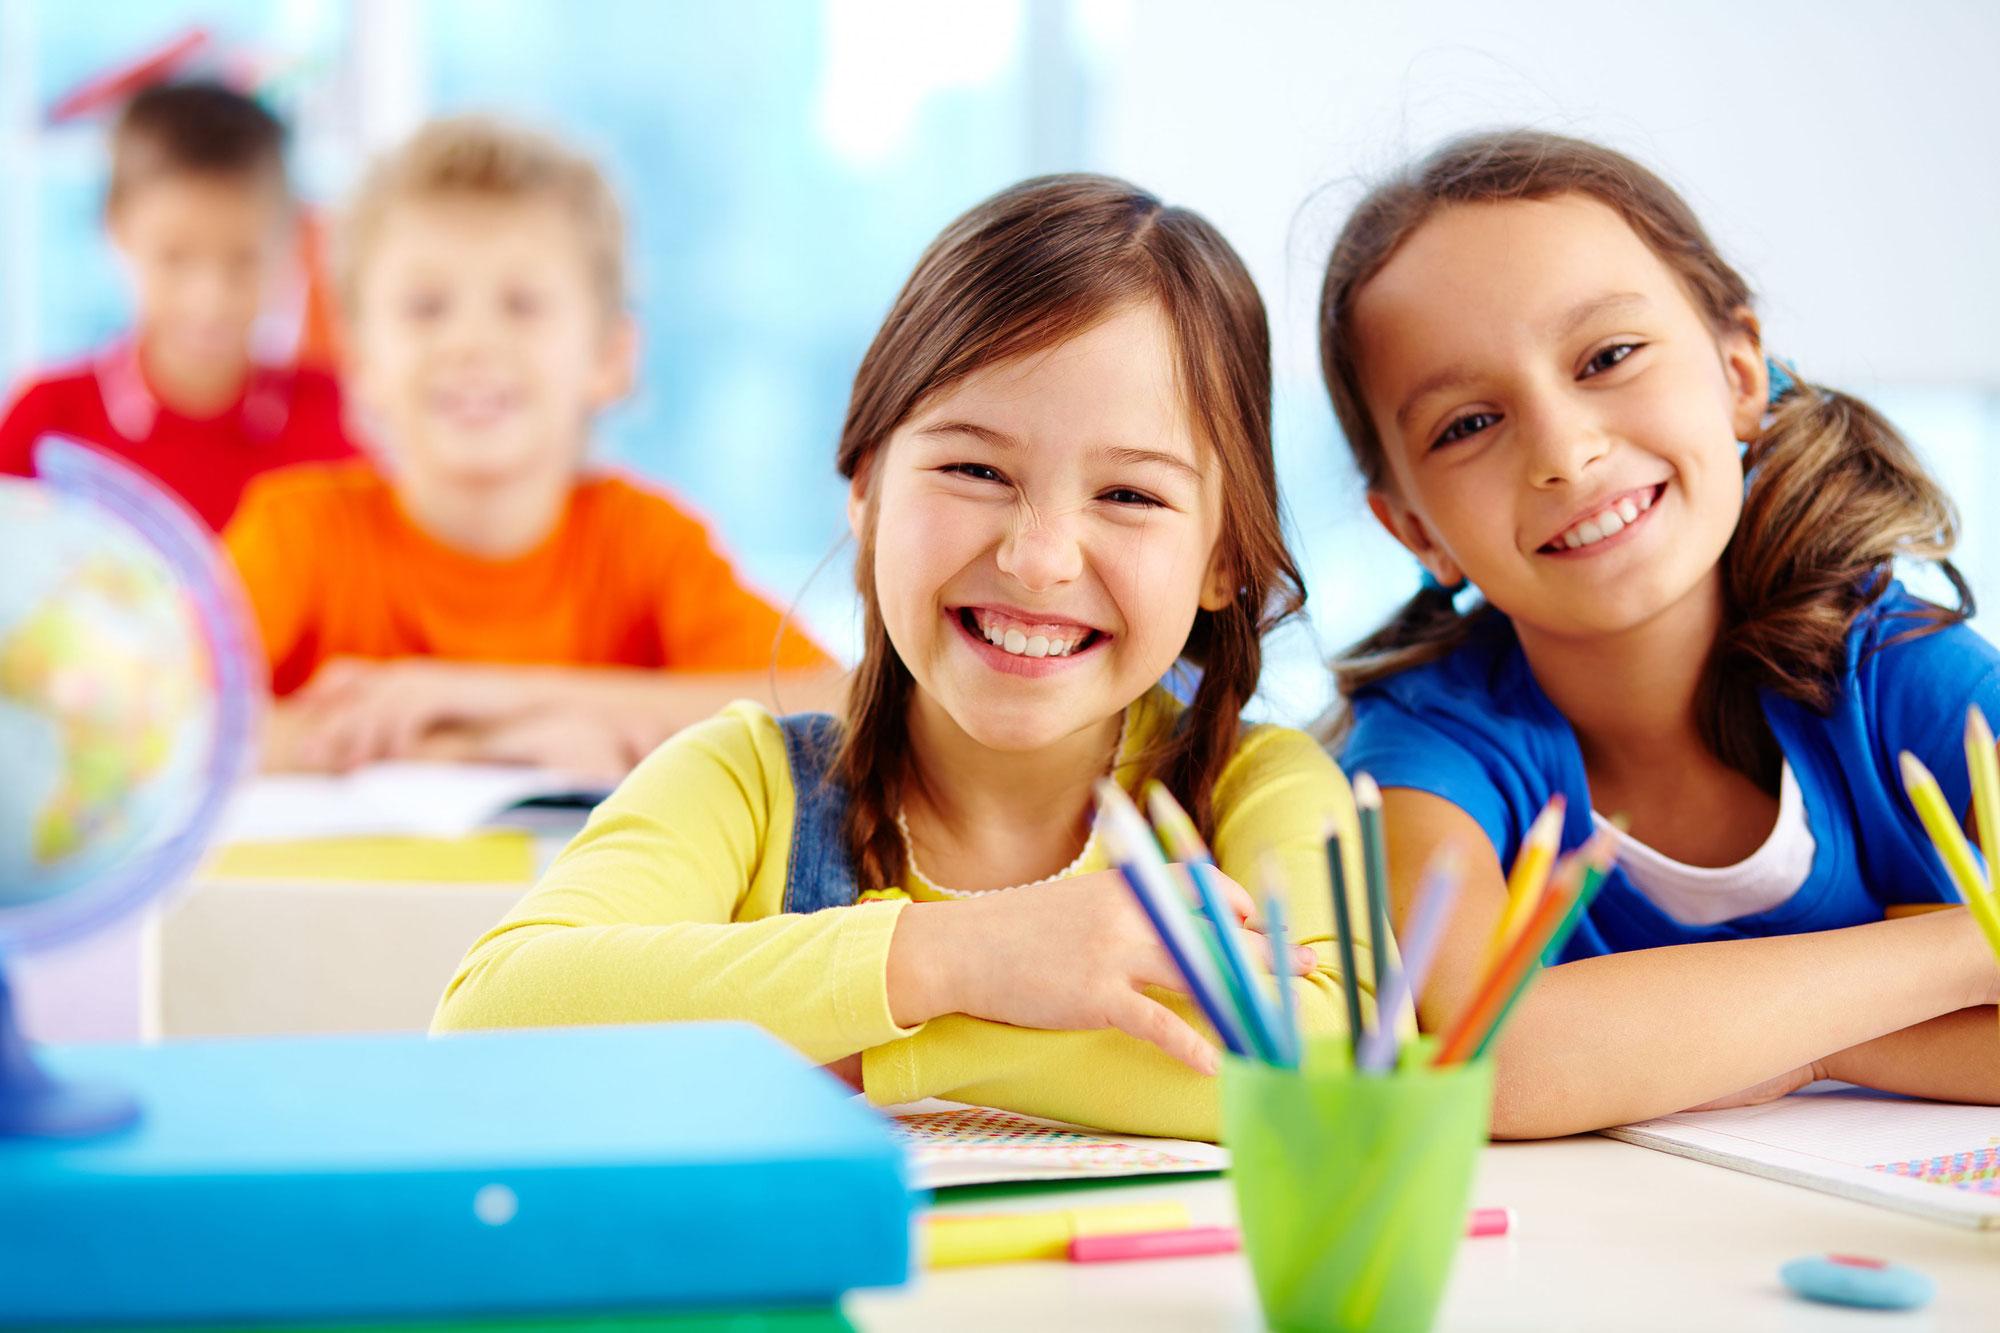 INSCIRIPCIONES ABIERTAS: Niños y Jóvenes año escolar 2021/22